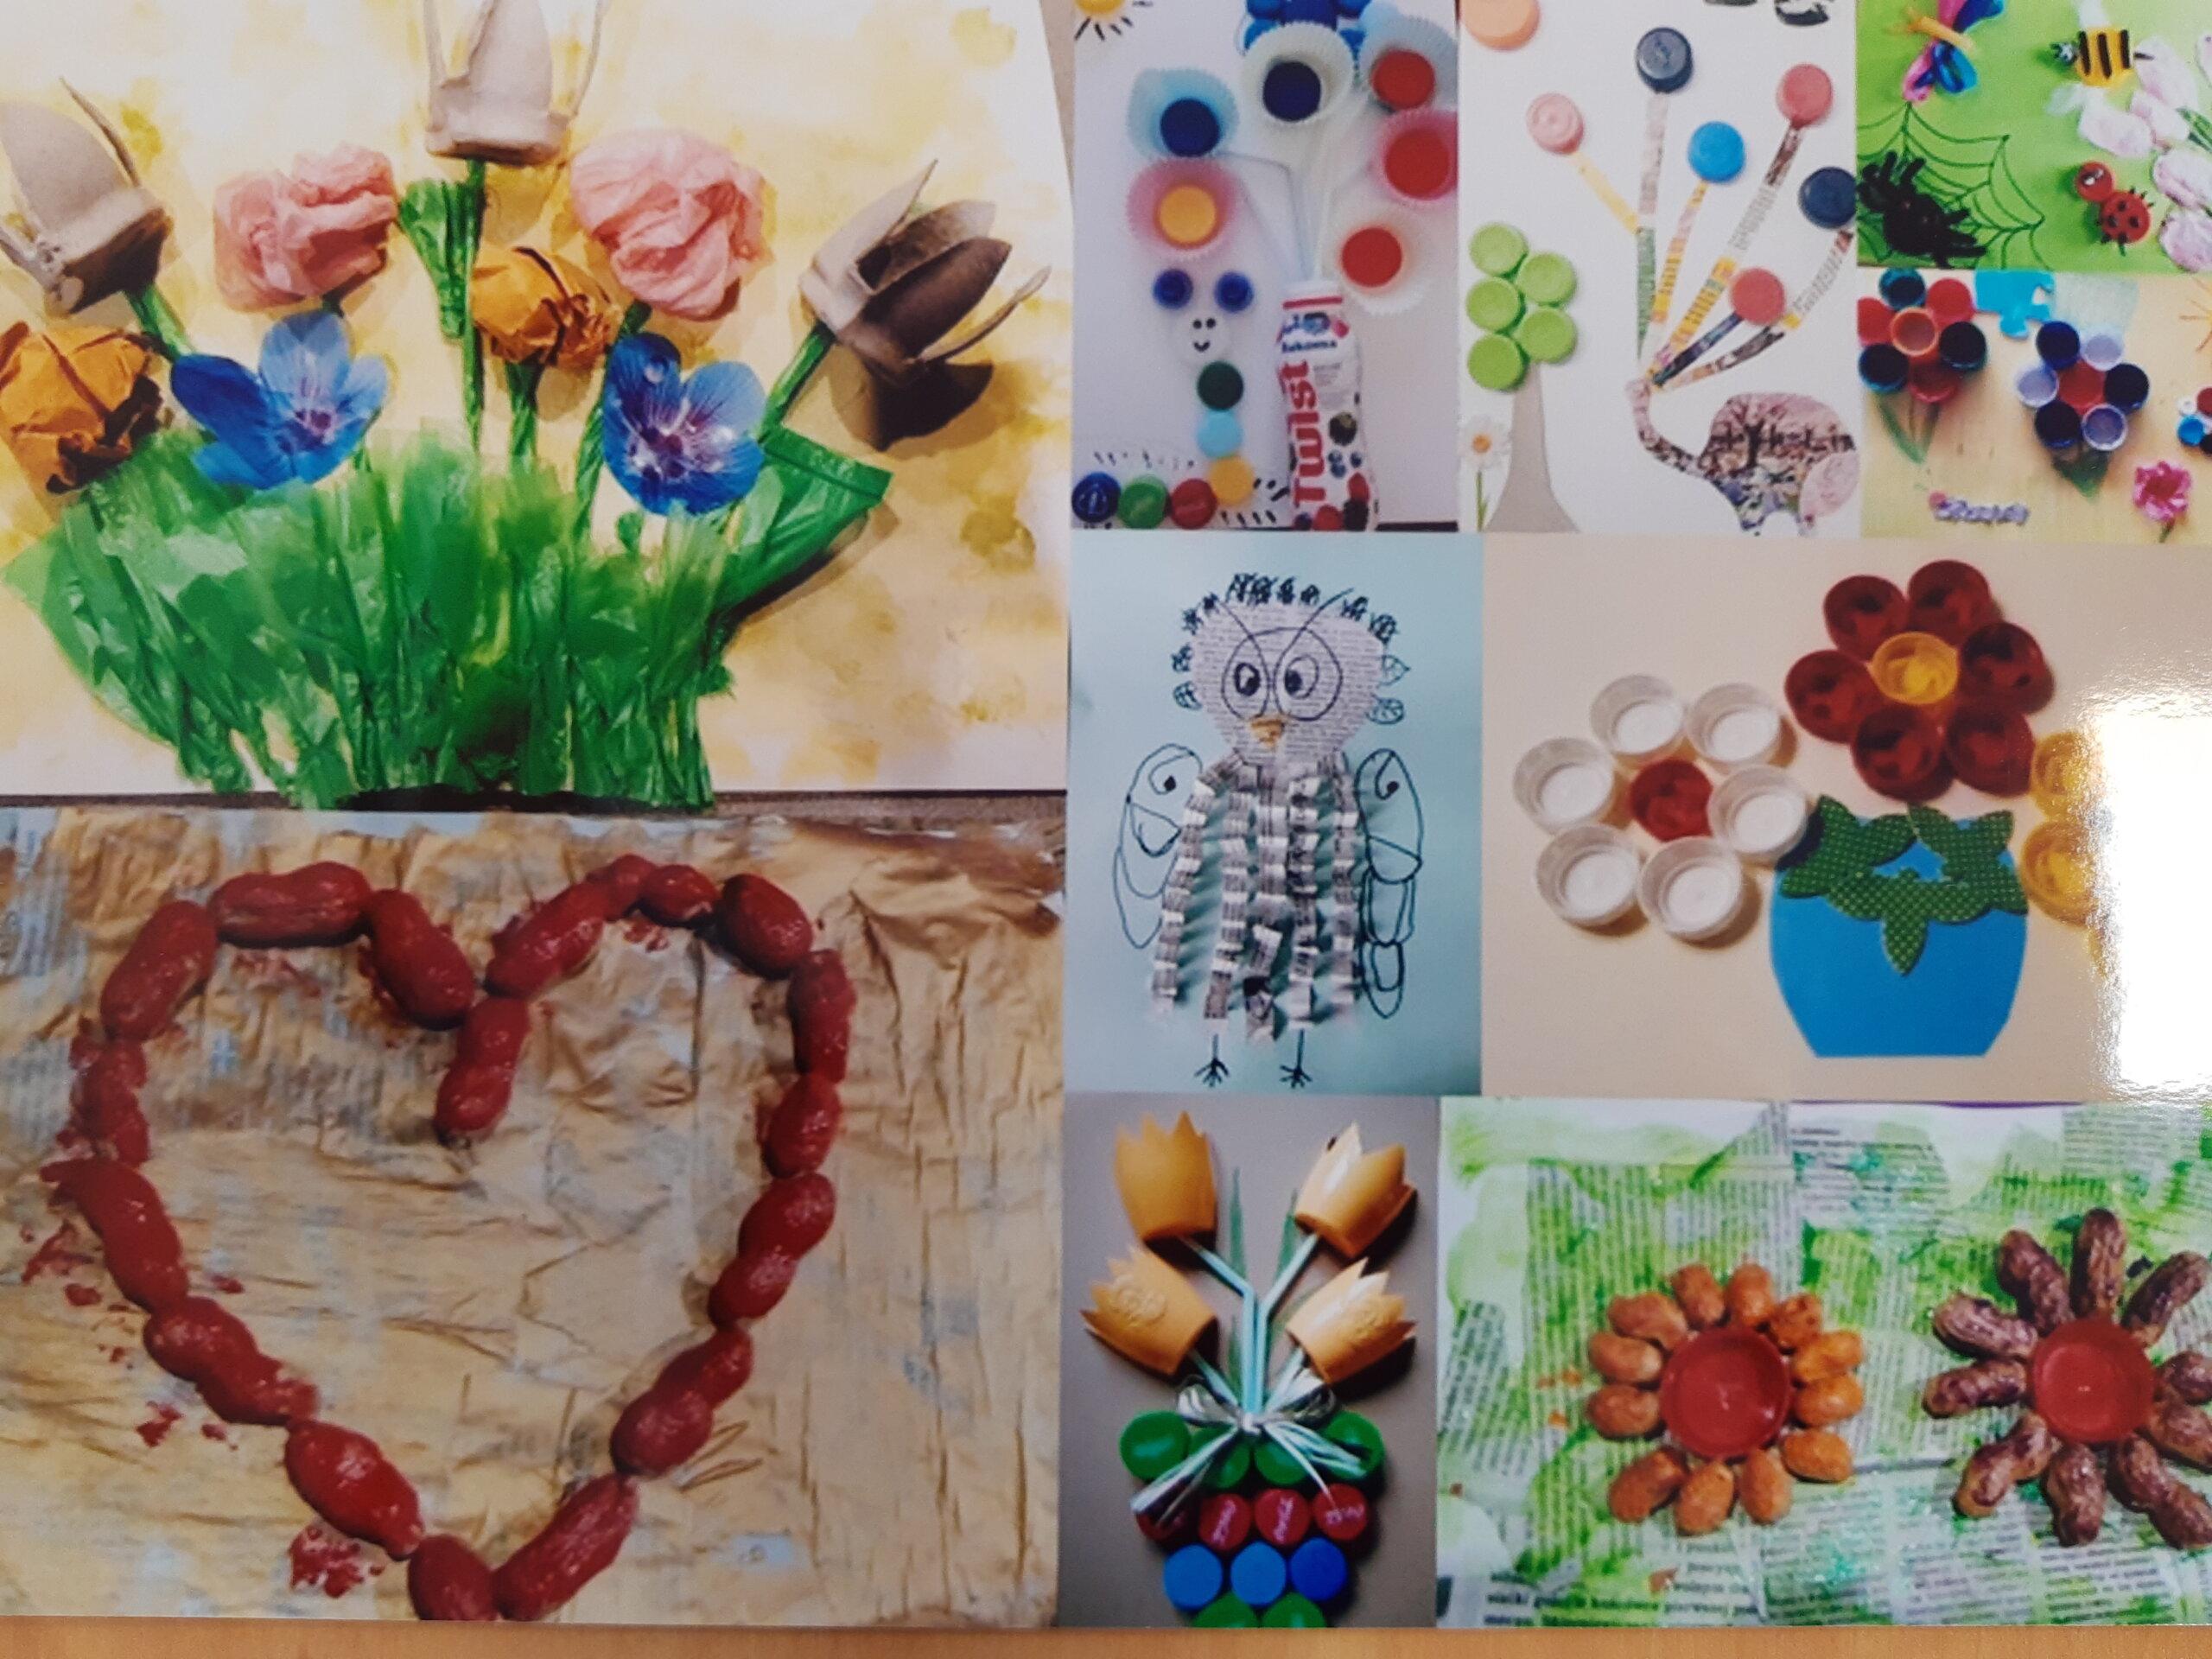 Zdjęcie przedstawia kilka prac dzieci na jednej kolorowe kwiaty zrobione z papieru, na drugiej sowa narysowana i pióra z papieru, na kolejnej tulipany z korków, na nazstępnej pracy kwiatki biało, czerwono, żółte w wazonie z korków na następnej pracy, kwiat z pestek dyni i daktyli, na kolejnej drzewo z kartonu po mleku i korków papieru